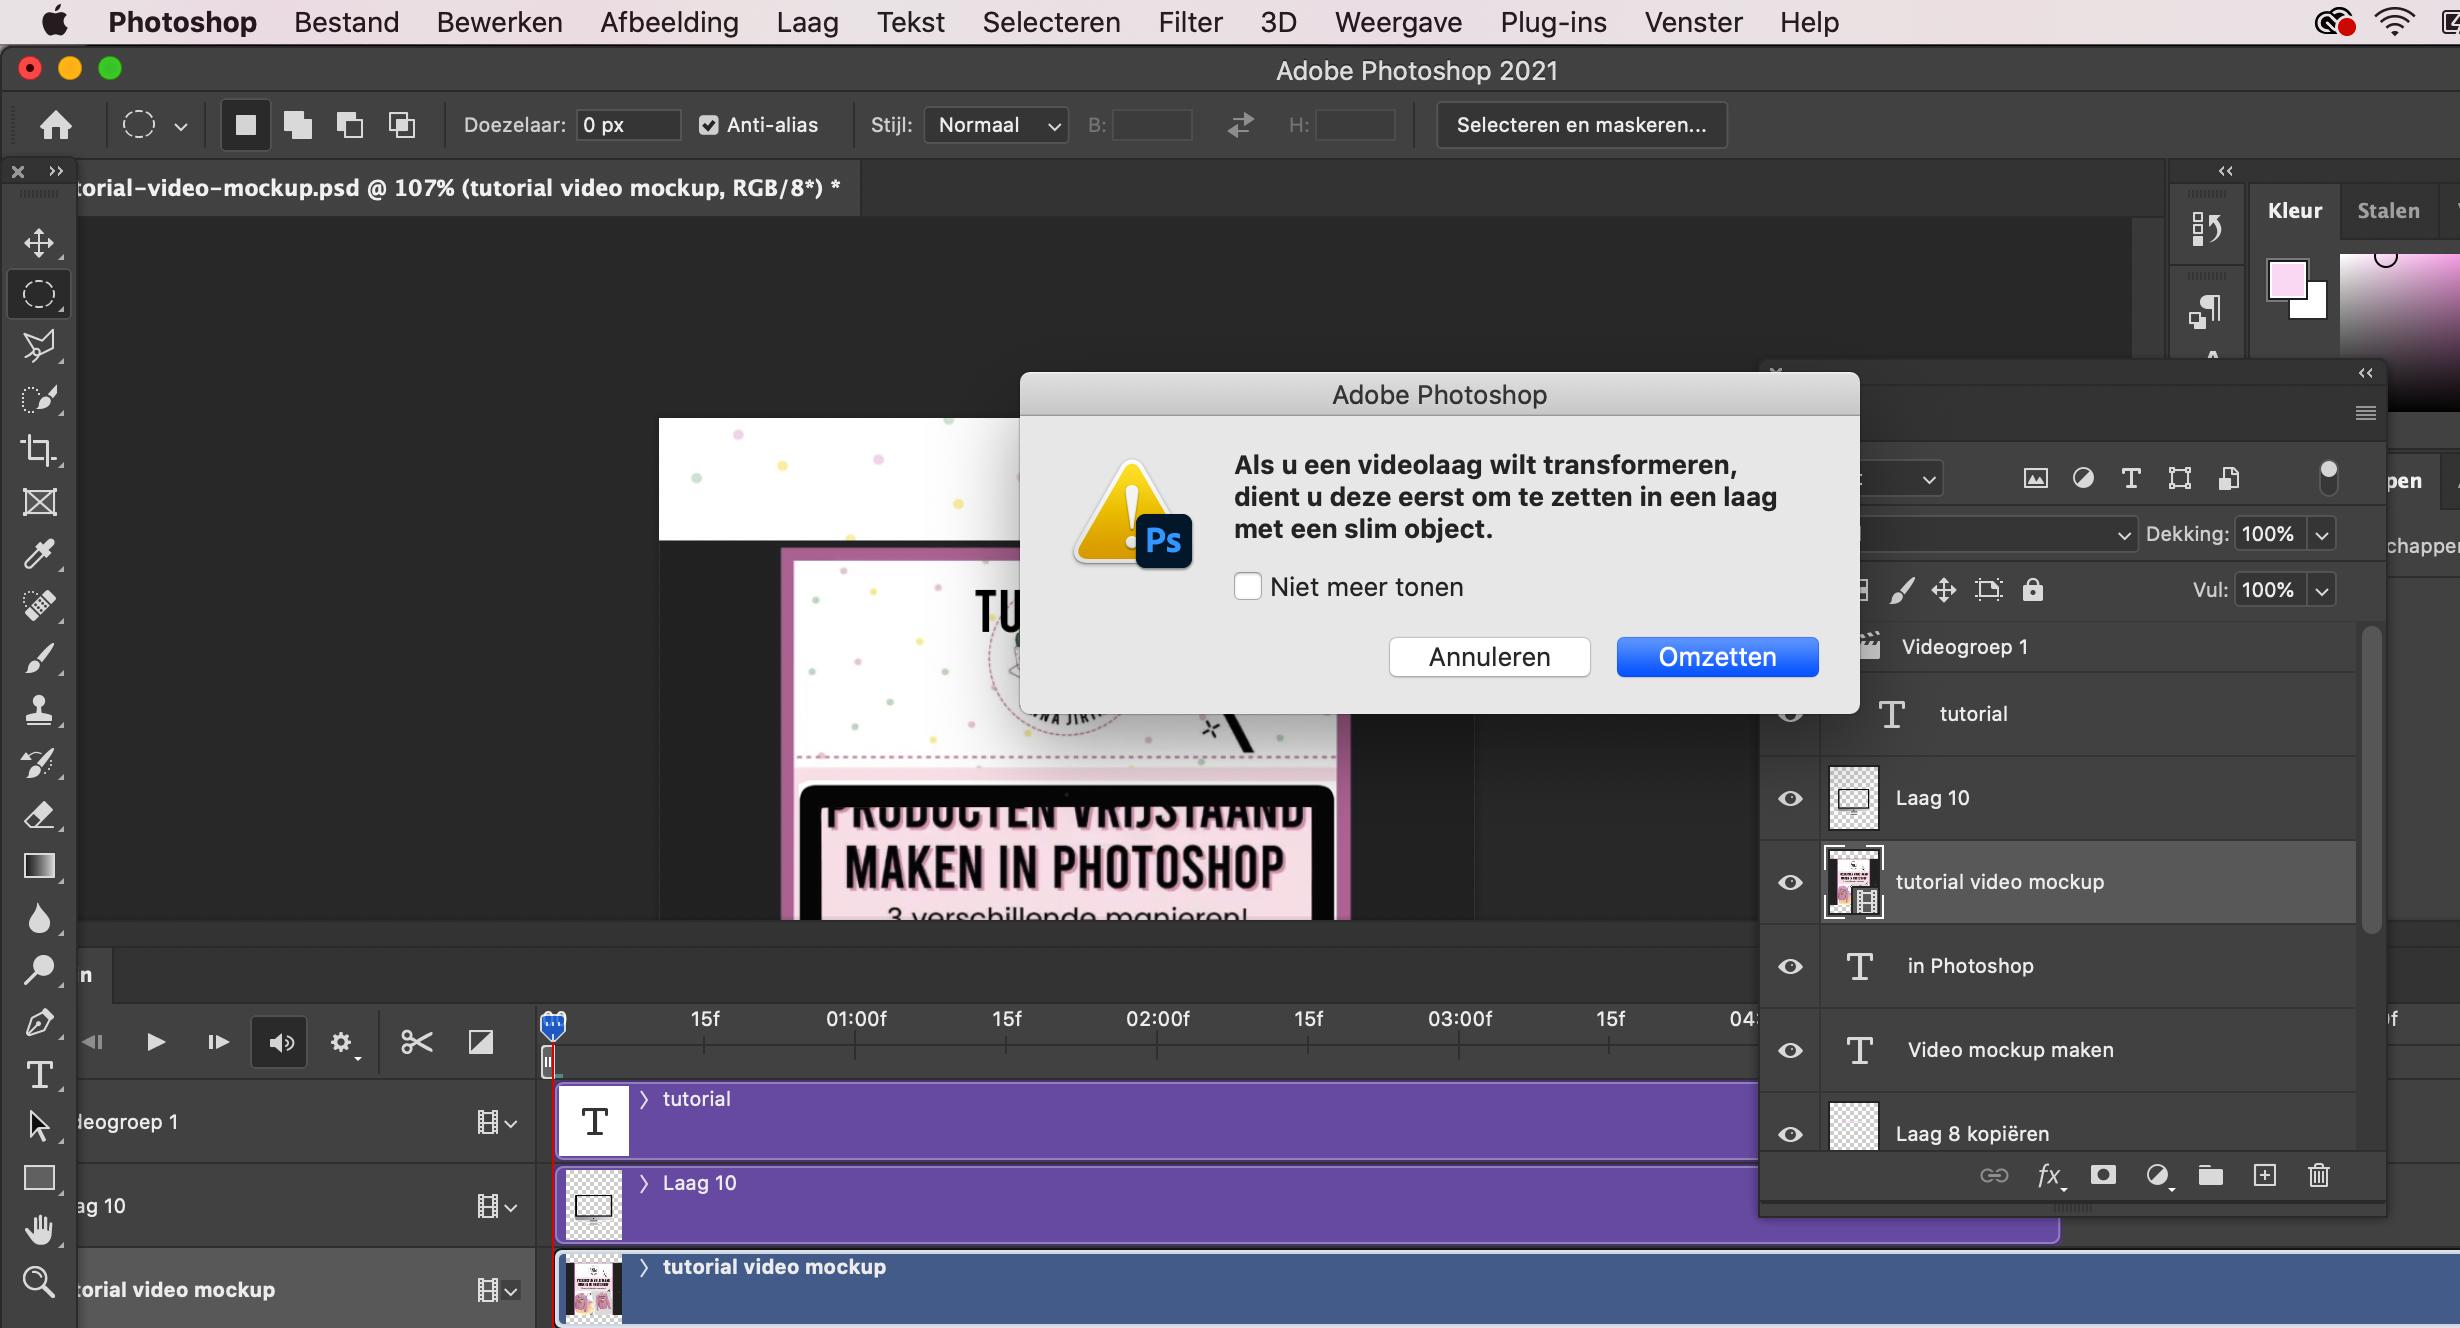 videotijdlijn Photoshop